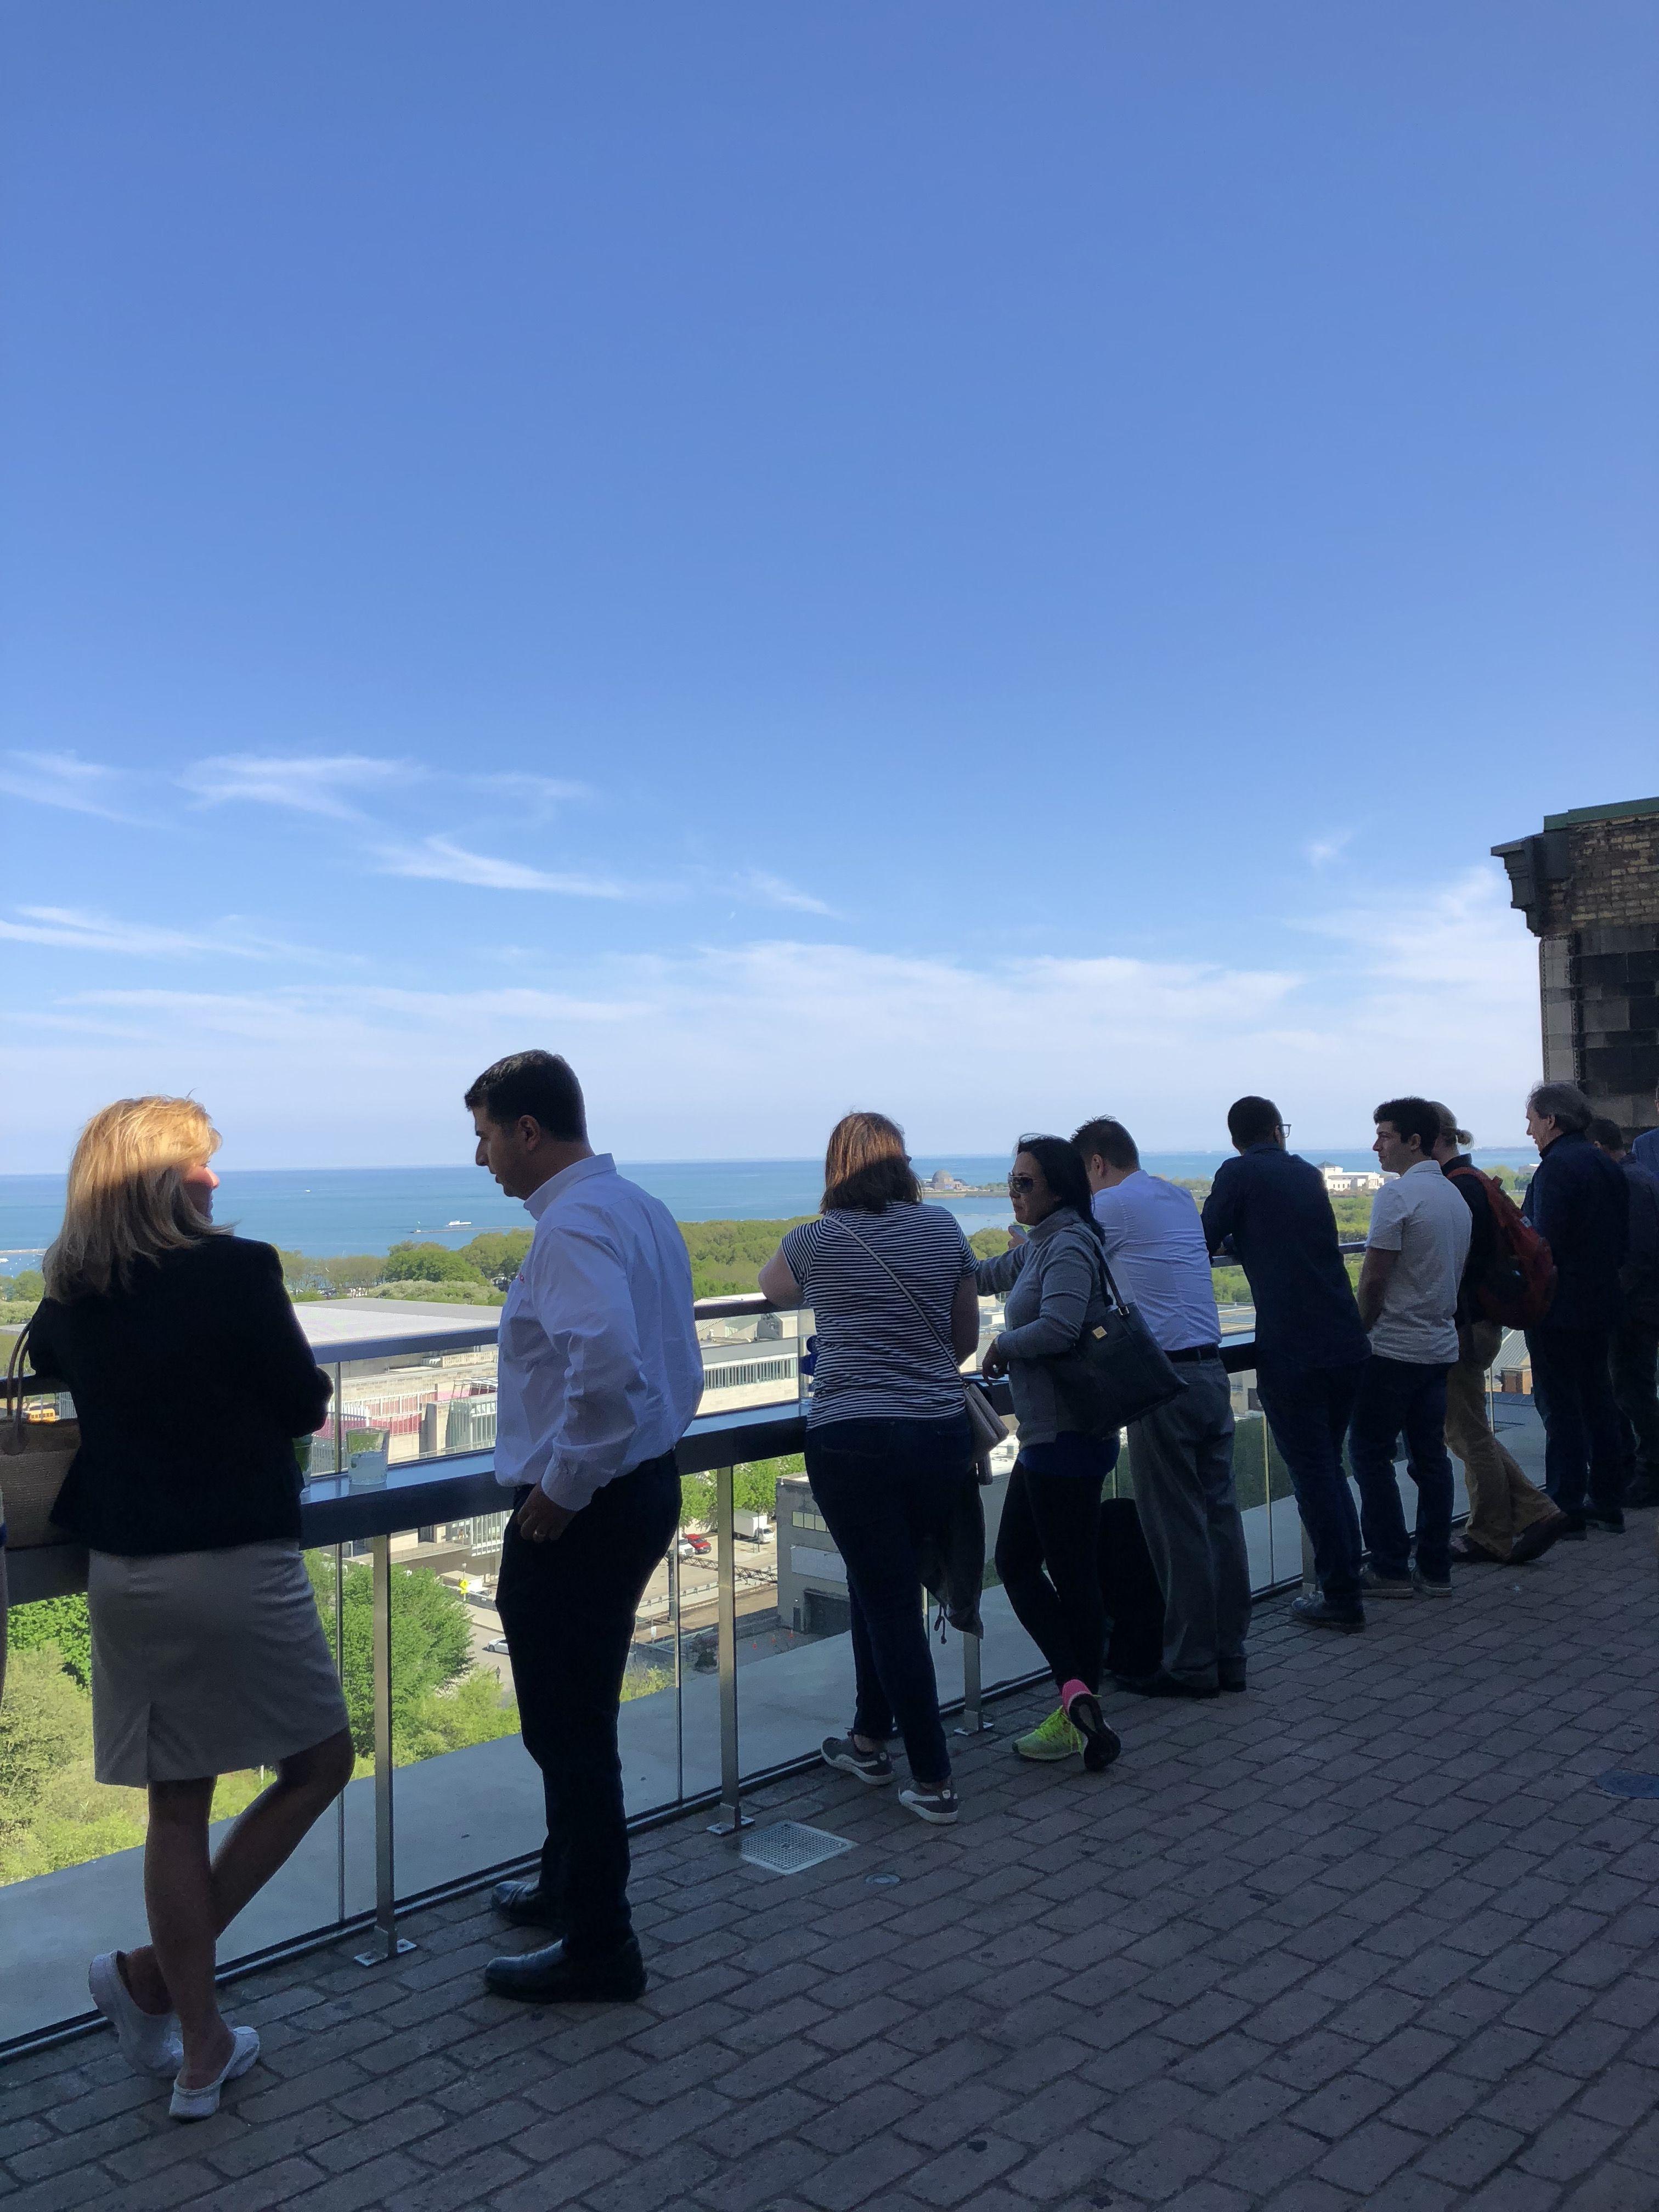 Es la terraza de un restaurante totalmente ESCONDIDO, es difícil incluso encontrar el ascensor para subir...